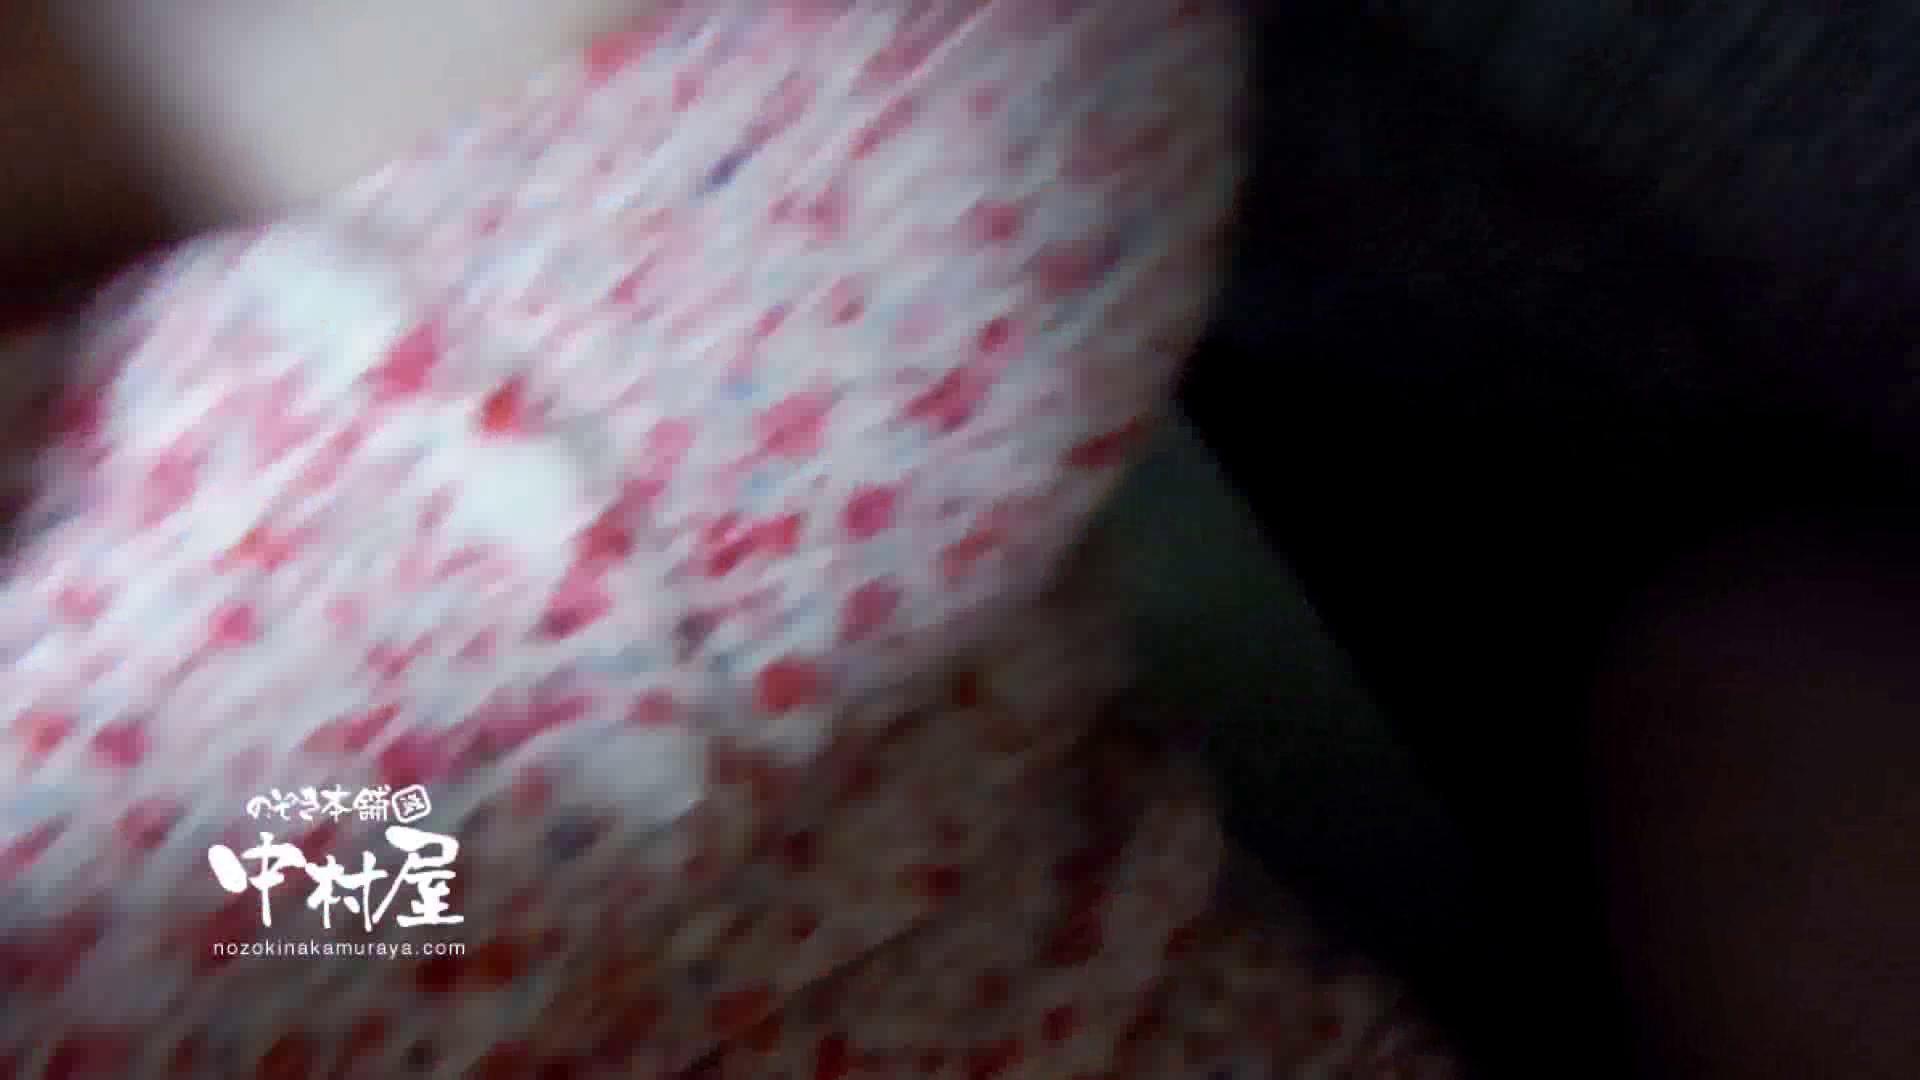 鬼畜 vol.16 実はマンざらでもない柔らかおっぱいちゃん 前編 鬼畜  113PIX 42